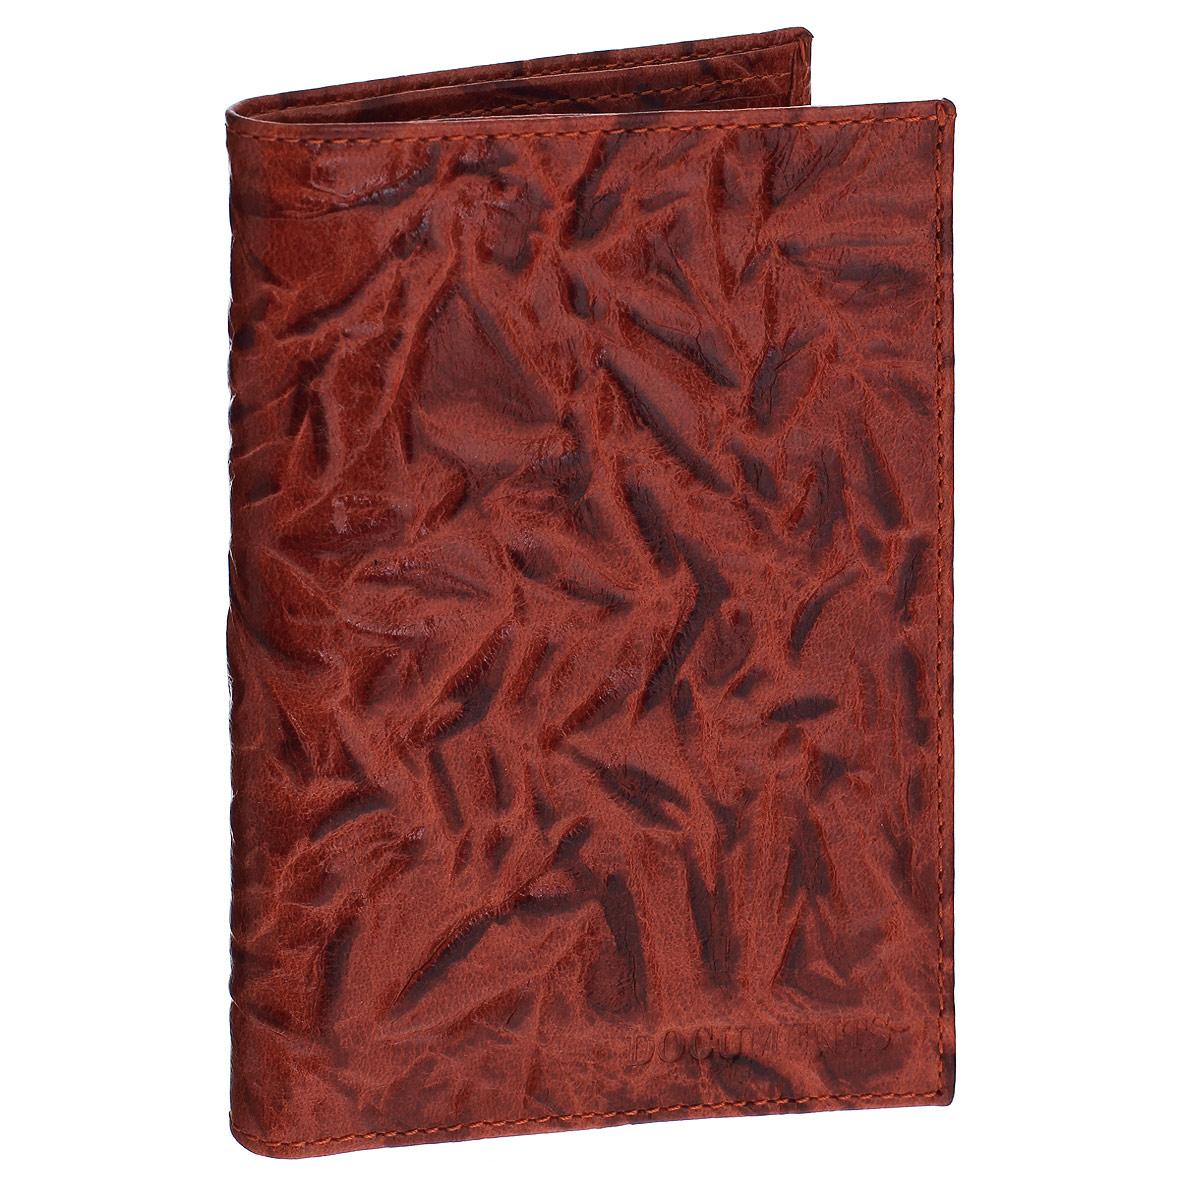 Бумажник водителя Askent Donna, цвет: коричнево-красный. BV.26.DNНатуральная кожаБумажник водителя Askent Donna выполнен из натуральной кожи с декоративным рельефным тиснением. Имеет внутри два кармана из кожи, отделение для купюр, семь прорезных карманов для кредитных карт и внутренний блок из прозрачного пластика (6 карманов).Такой бумажник станет отличным подарком для человека, ценящего качественные и необычные вещи.